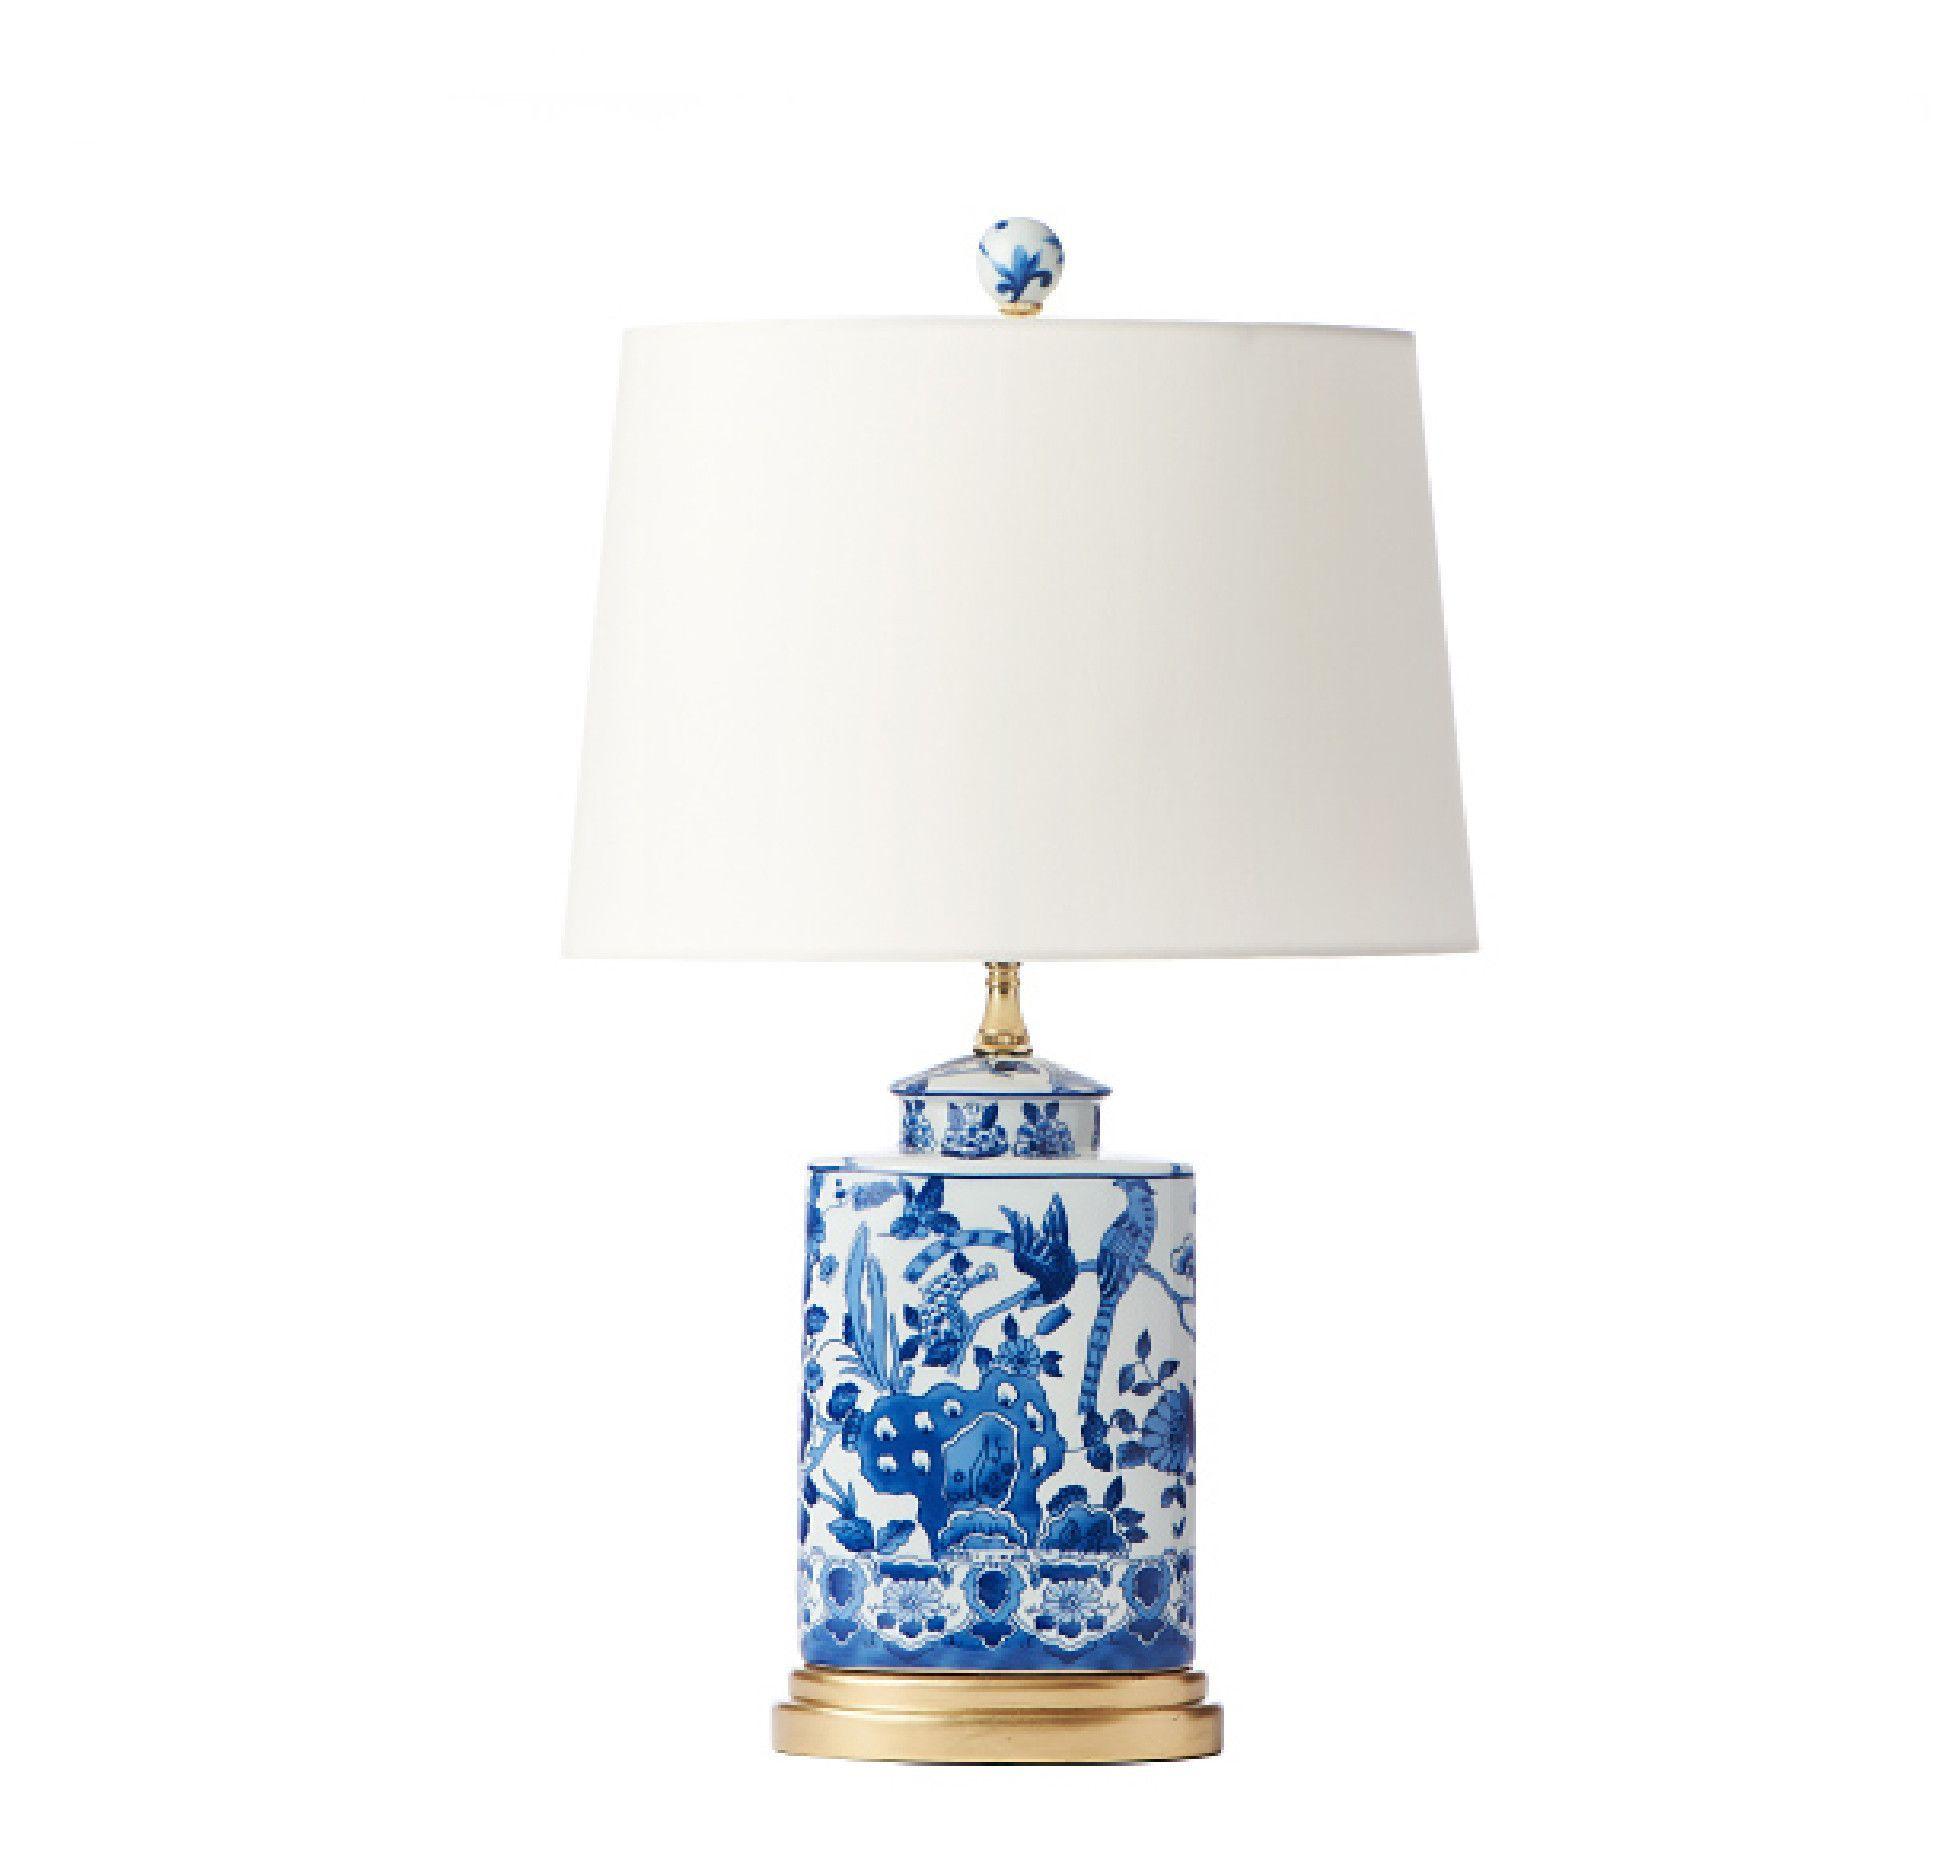 Petite Oiseau Lamp